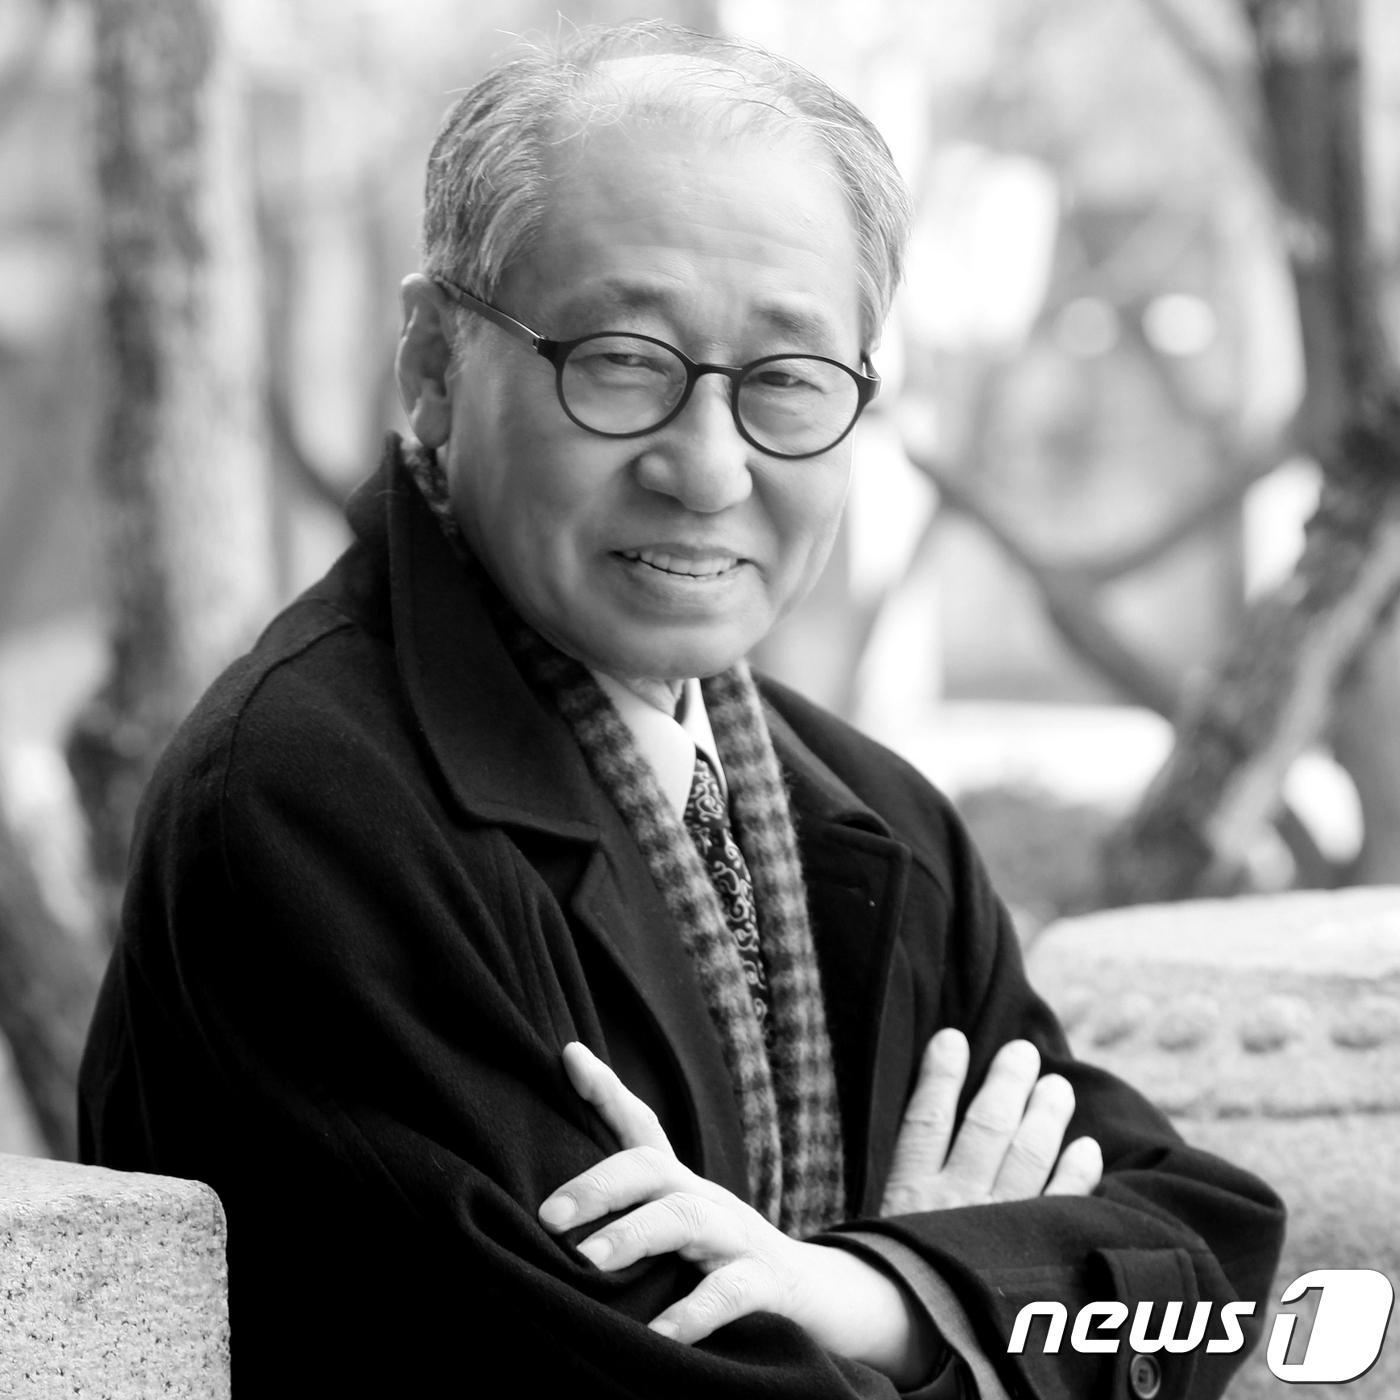 '촌철살인의 선생' 문학평론가 황현산